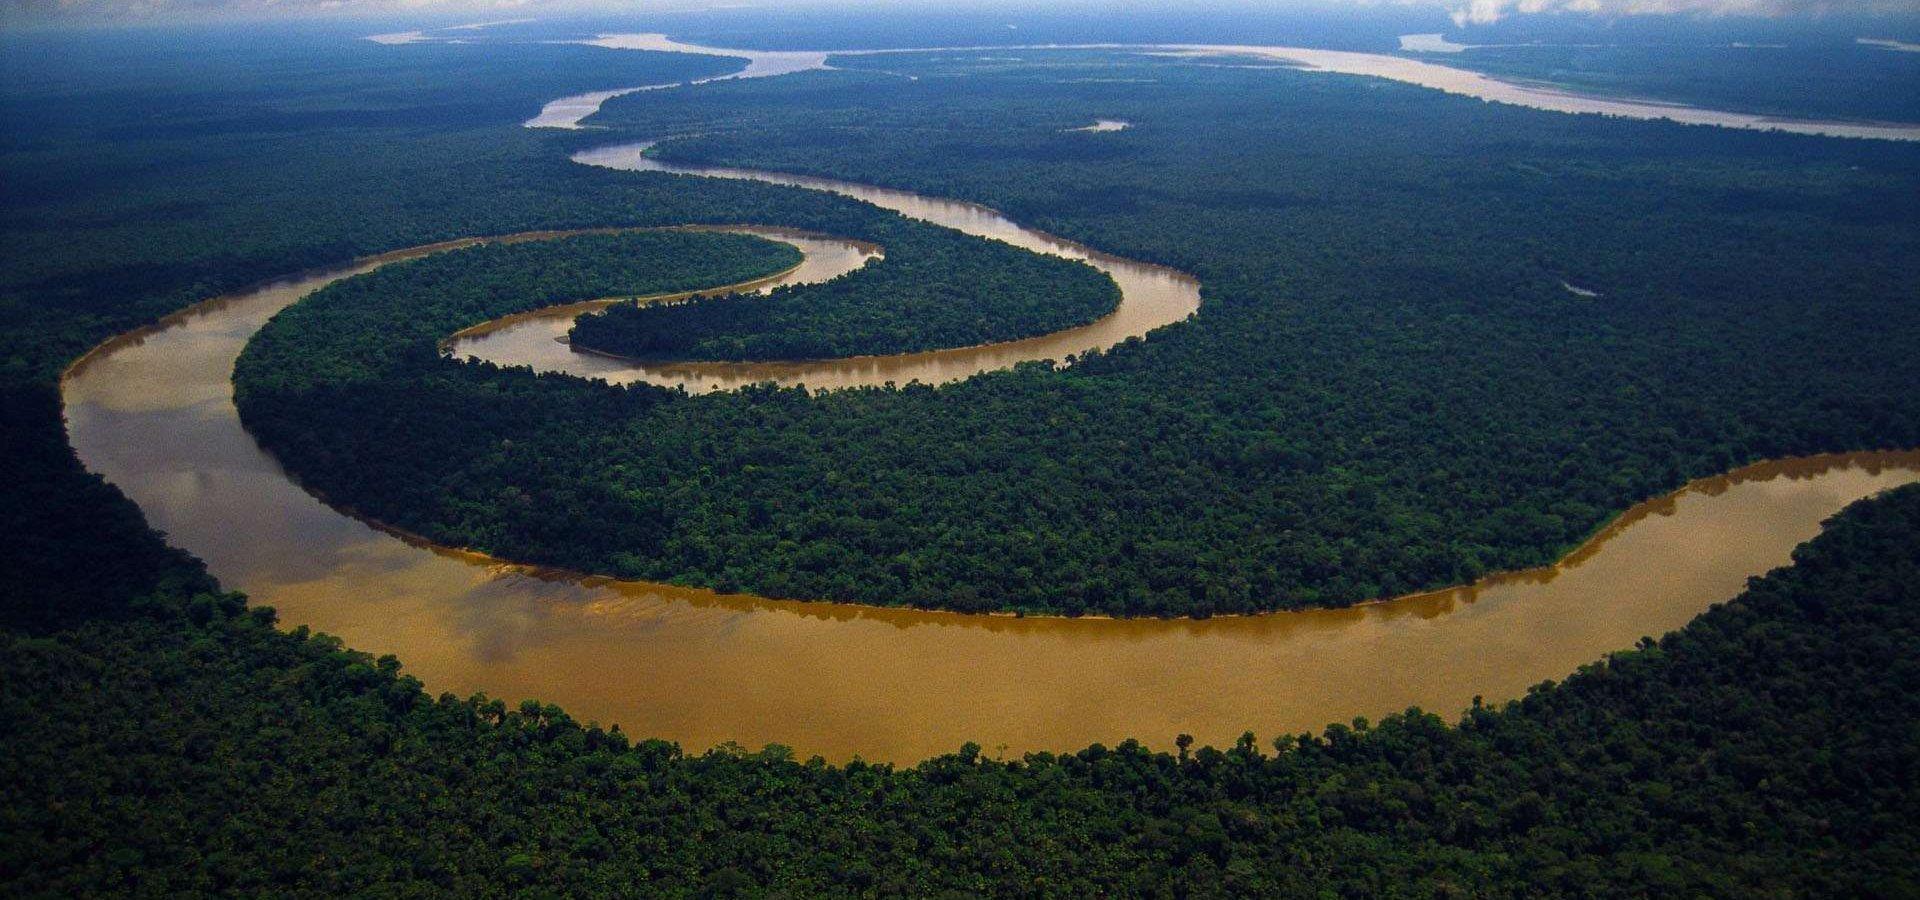 Αμαζόνιος: Ο «πνεύμονας» του πλανήτη καίγεται - Ανατριχιαστικές εικόνες